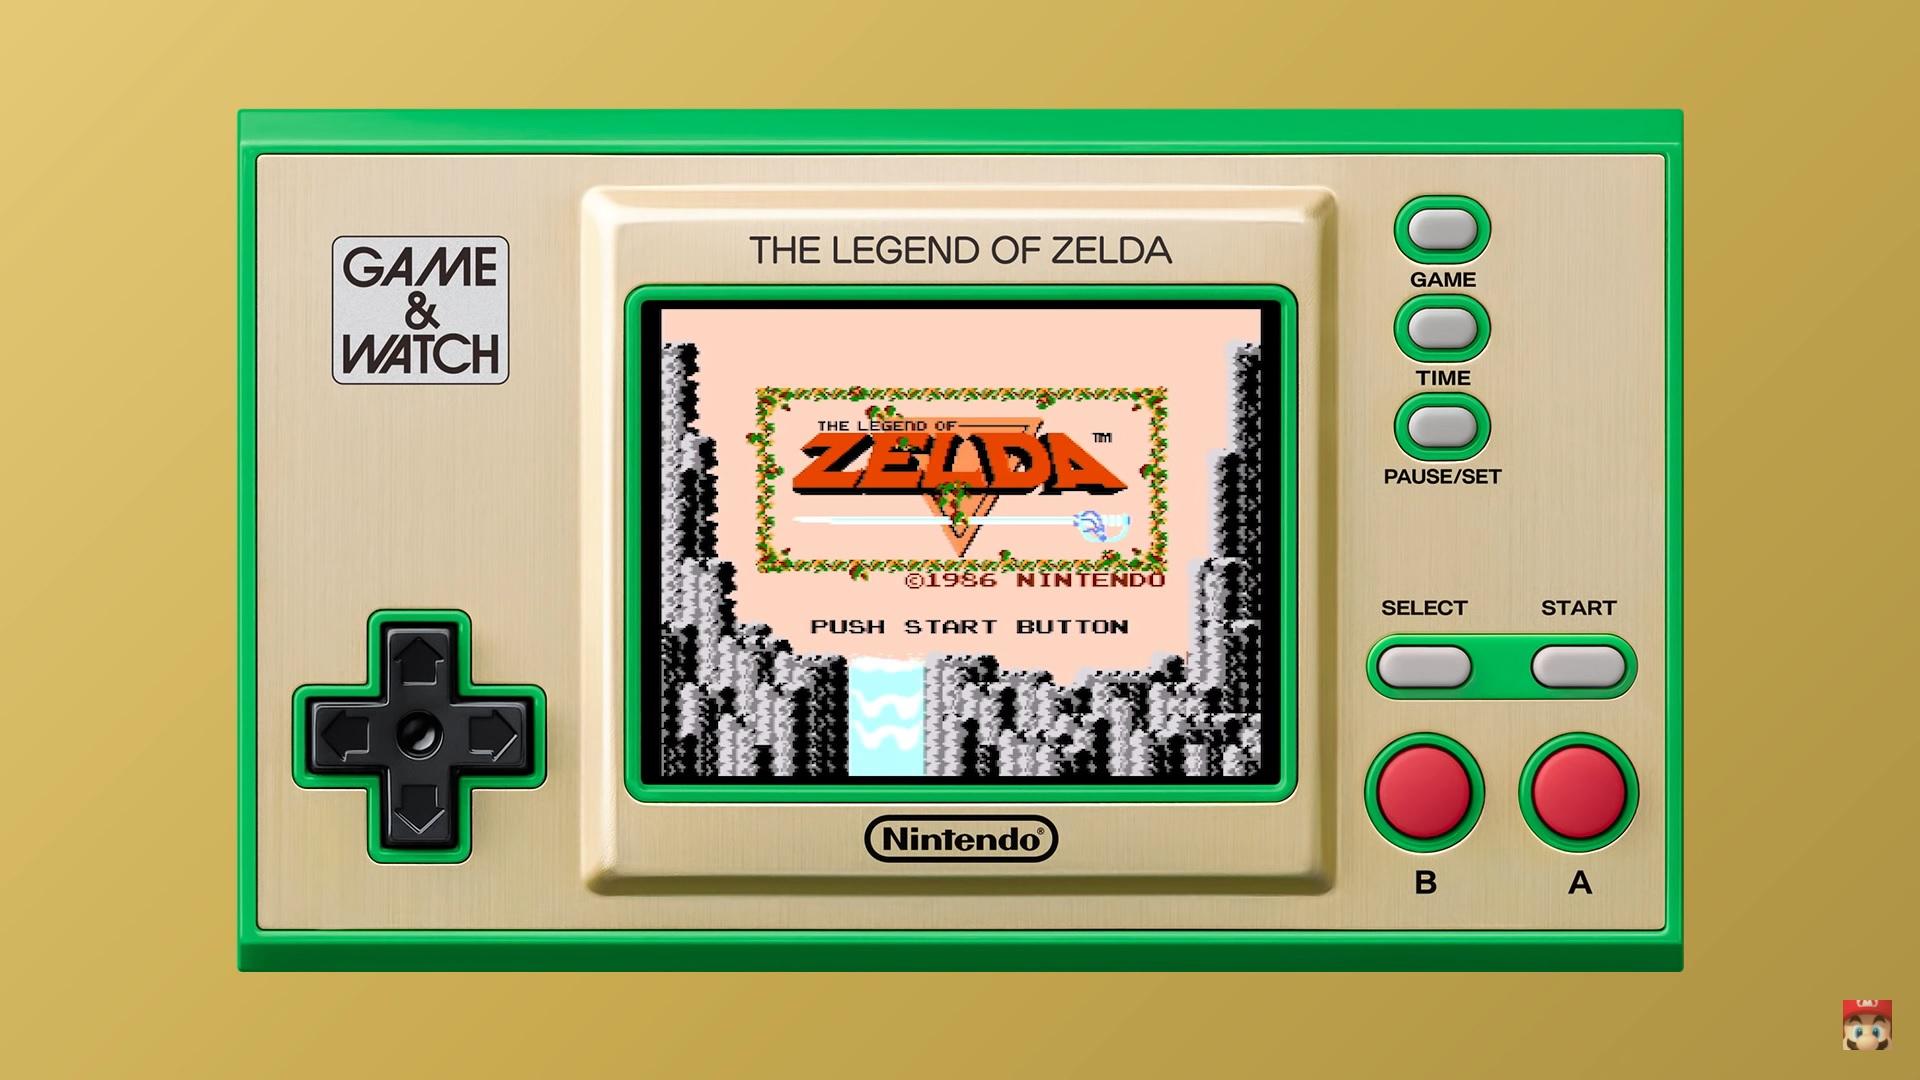 Game & Watch: The Legend of Zelda - Zelda 1